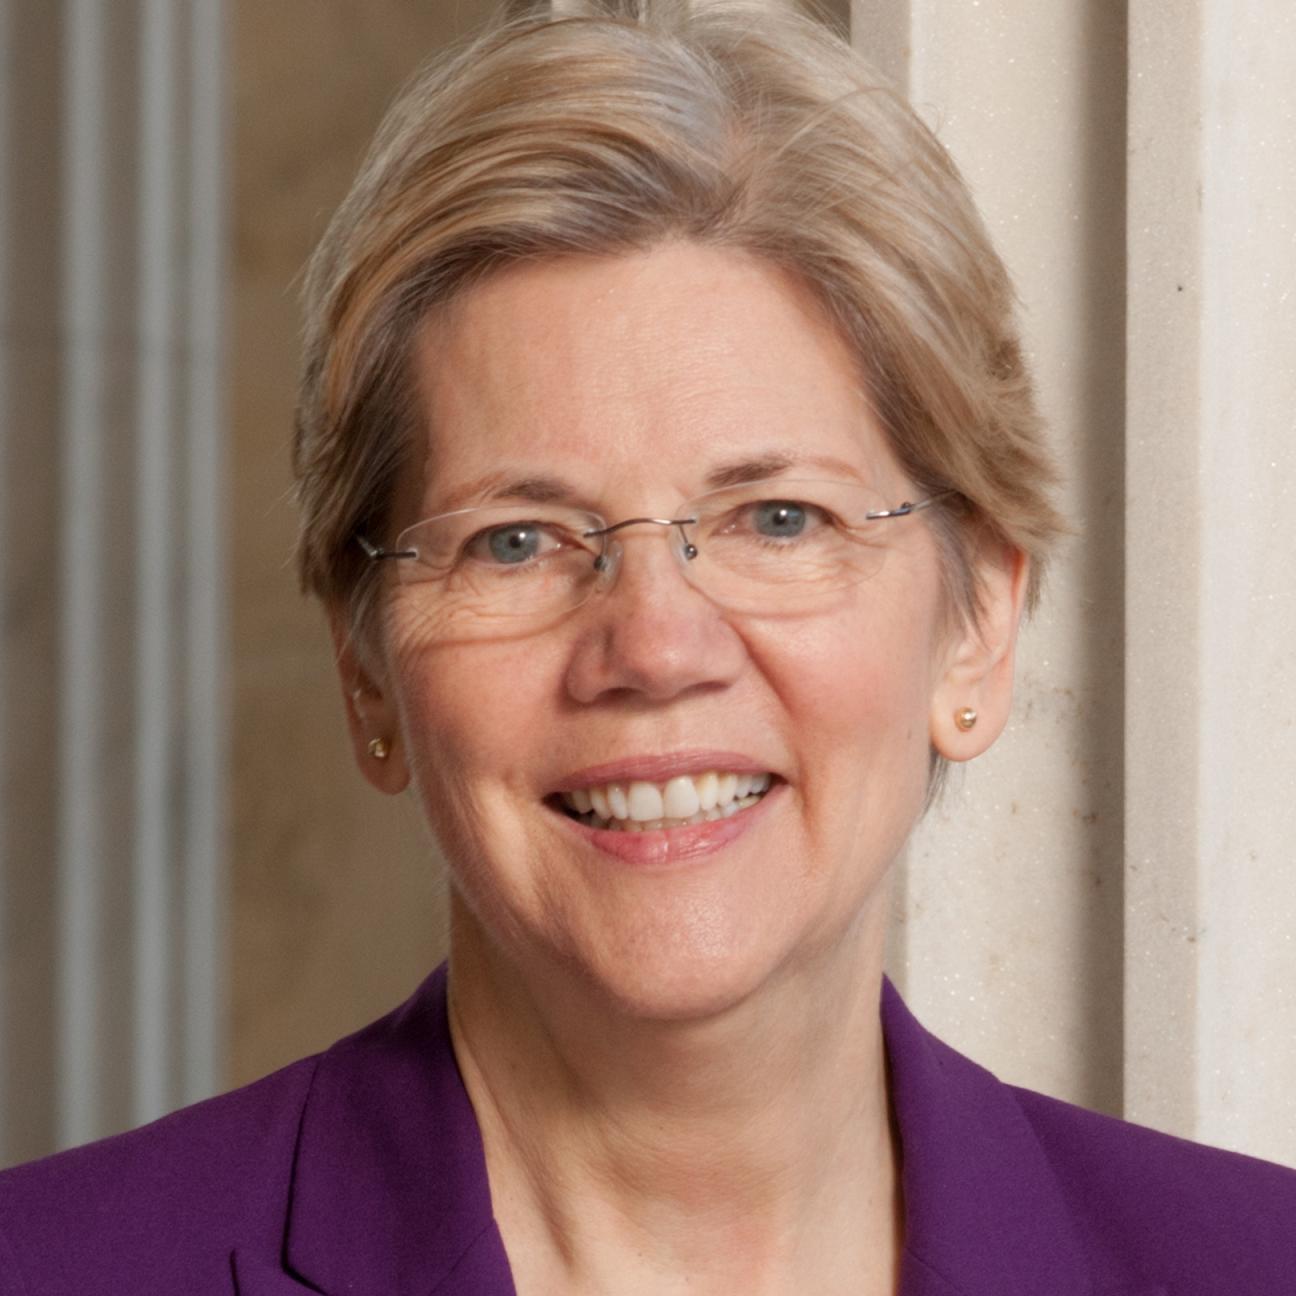 Elizabeth Warren Bio, Net Worth, Facts